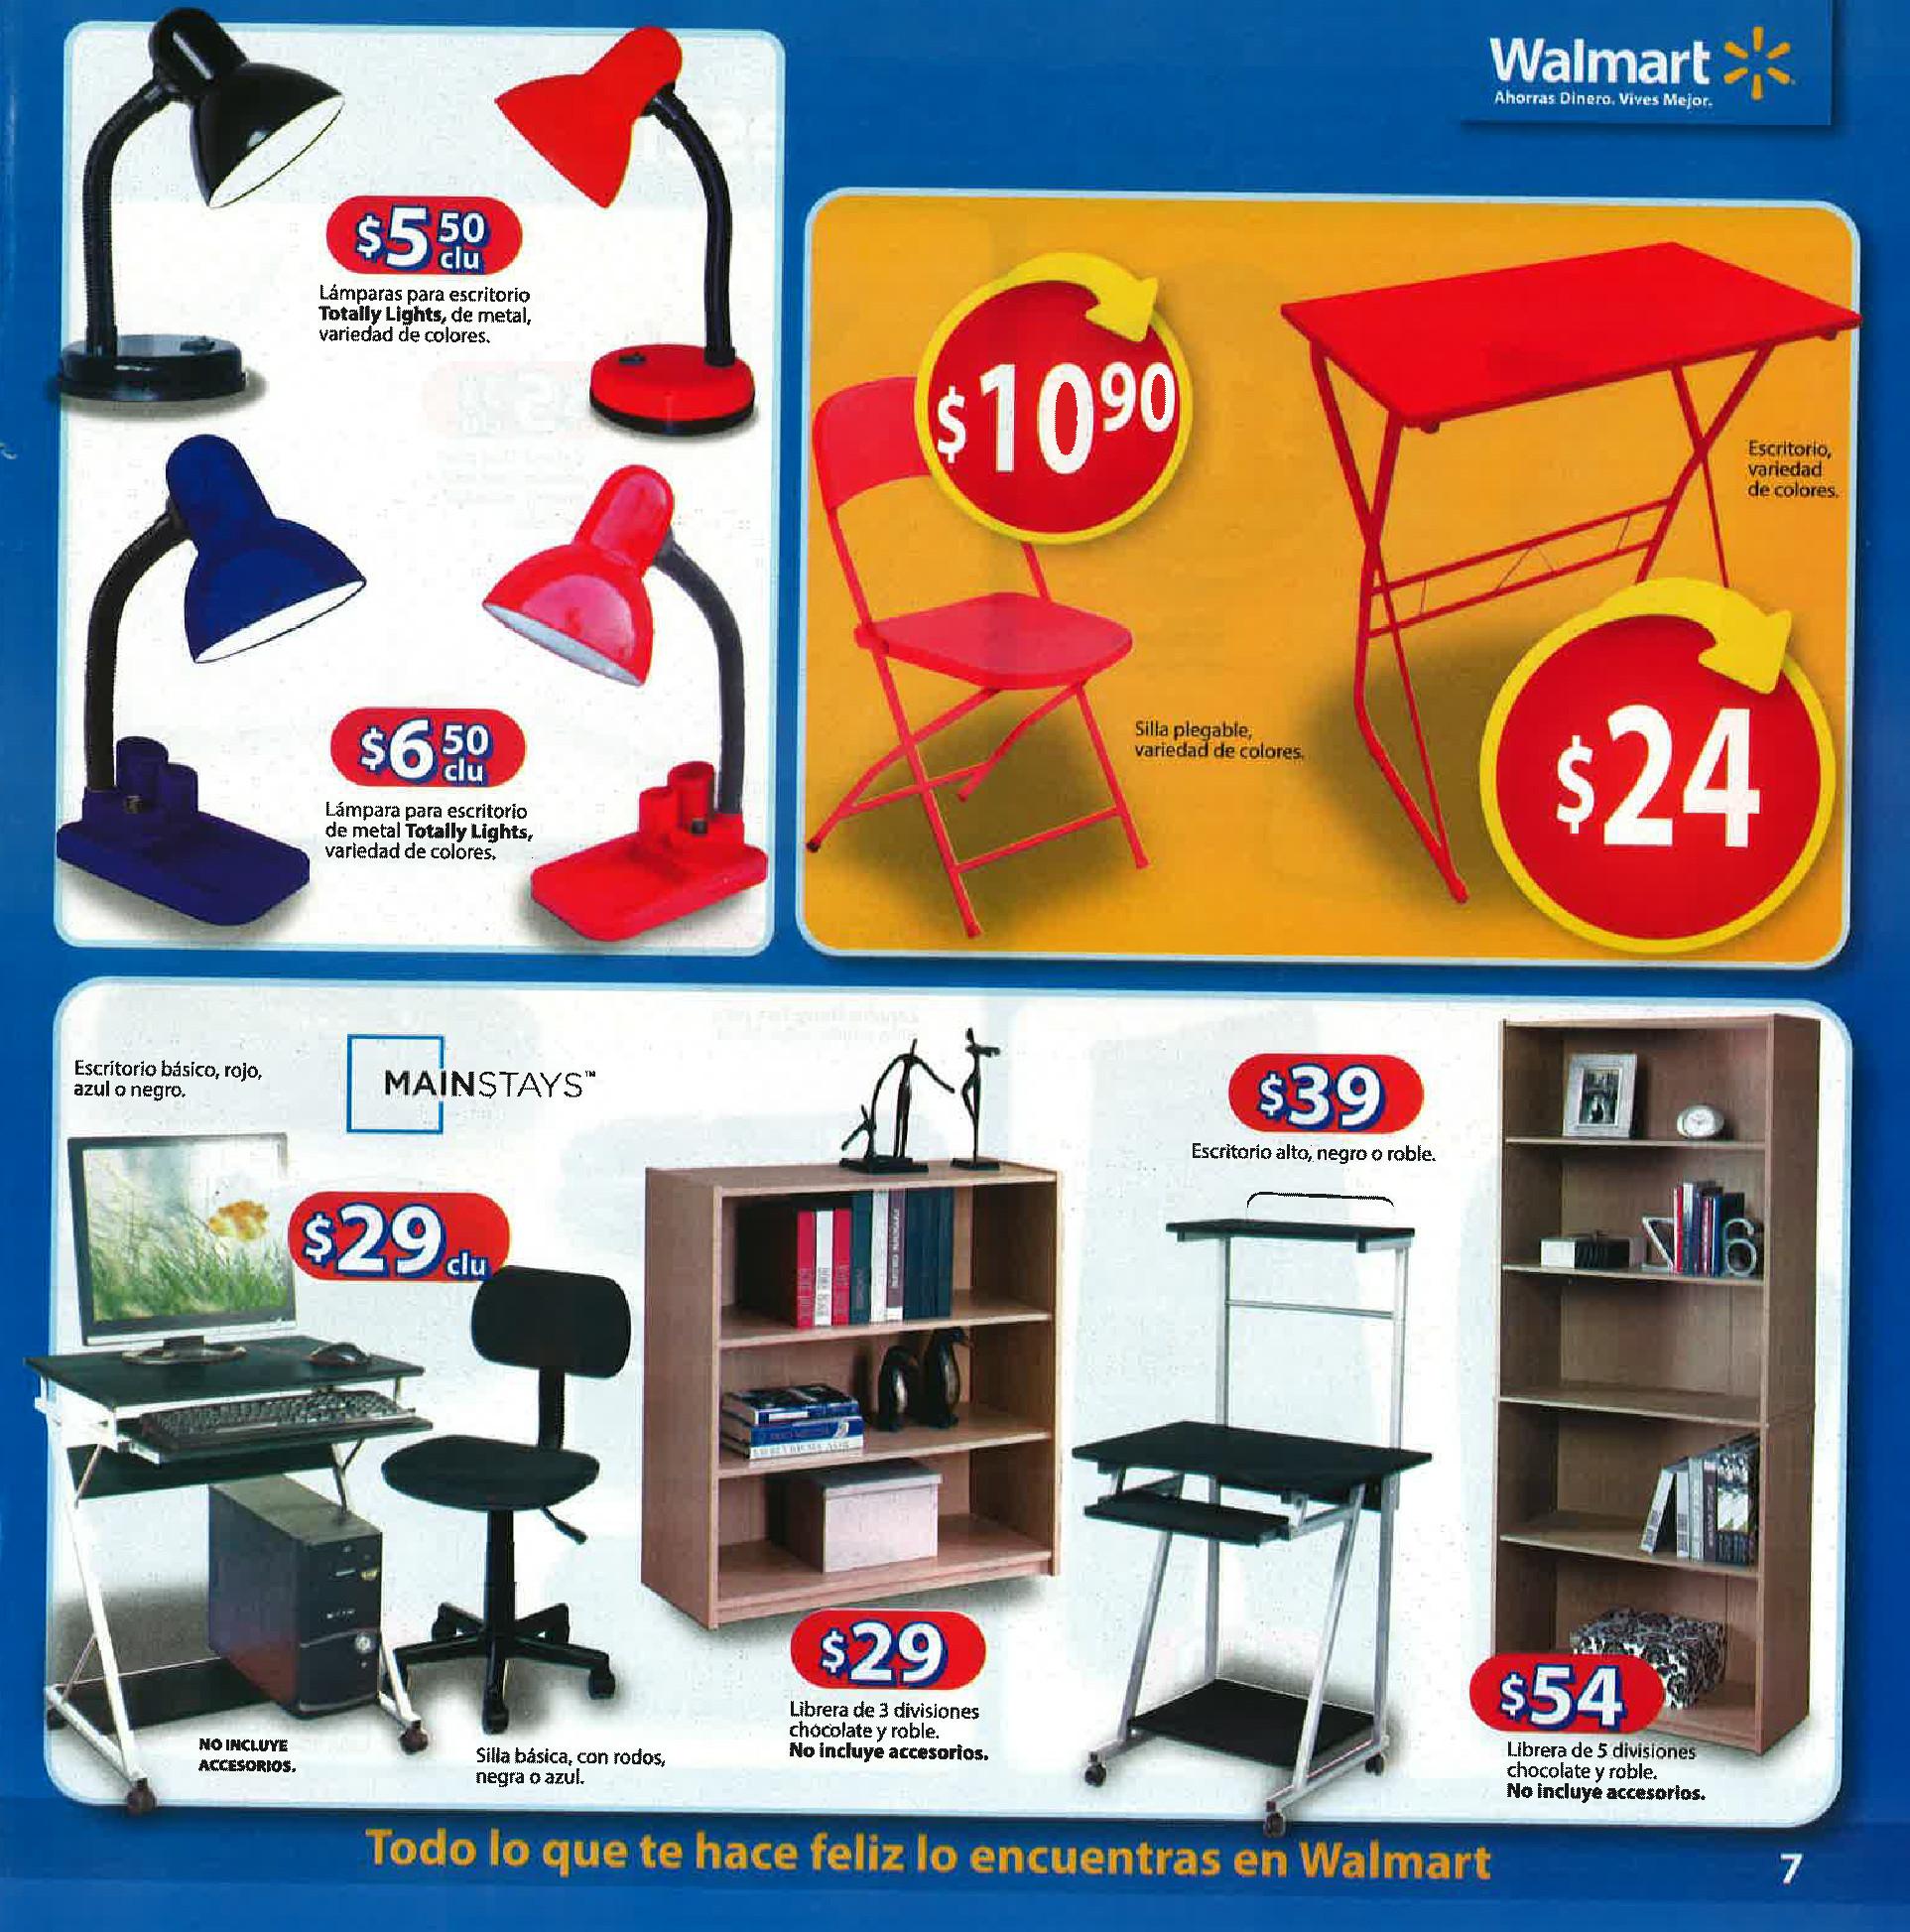 walmart escritorios sillas libreras guia de compras 2014